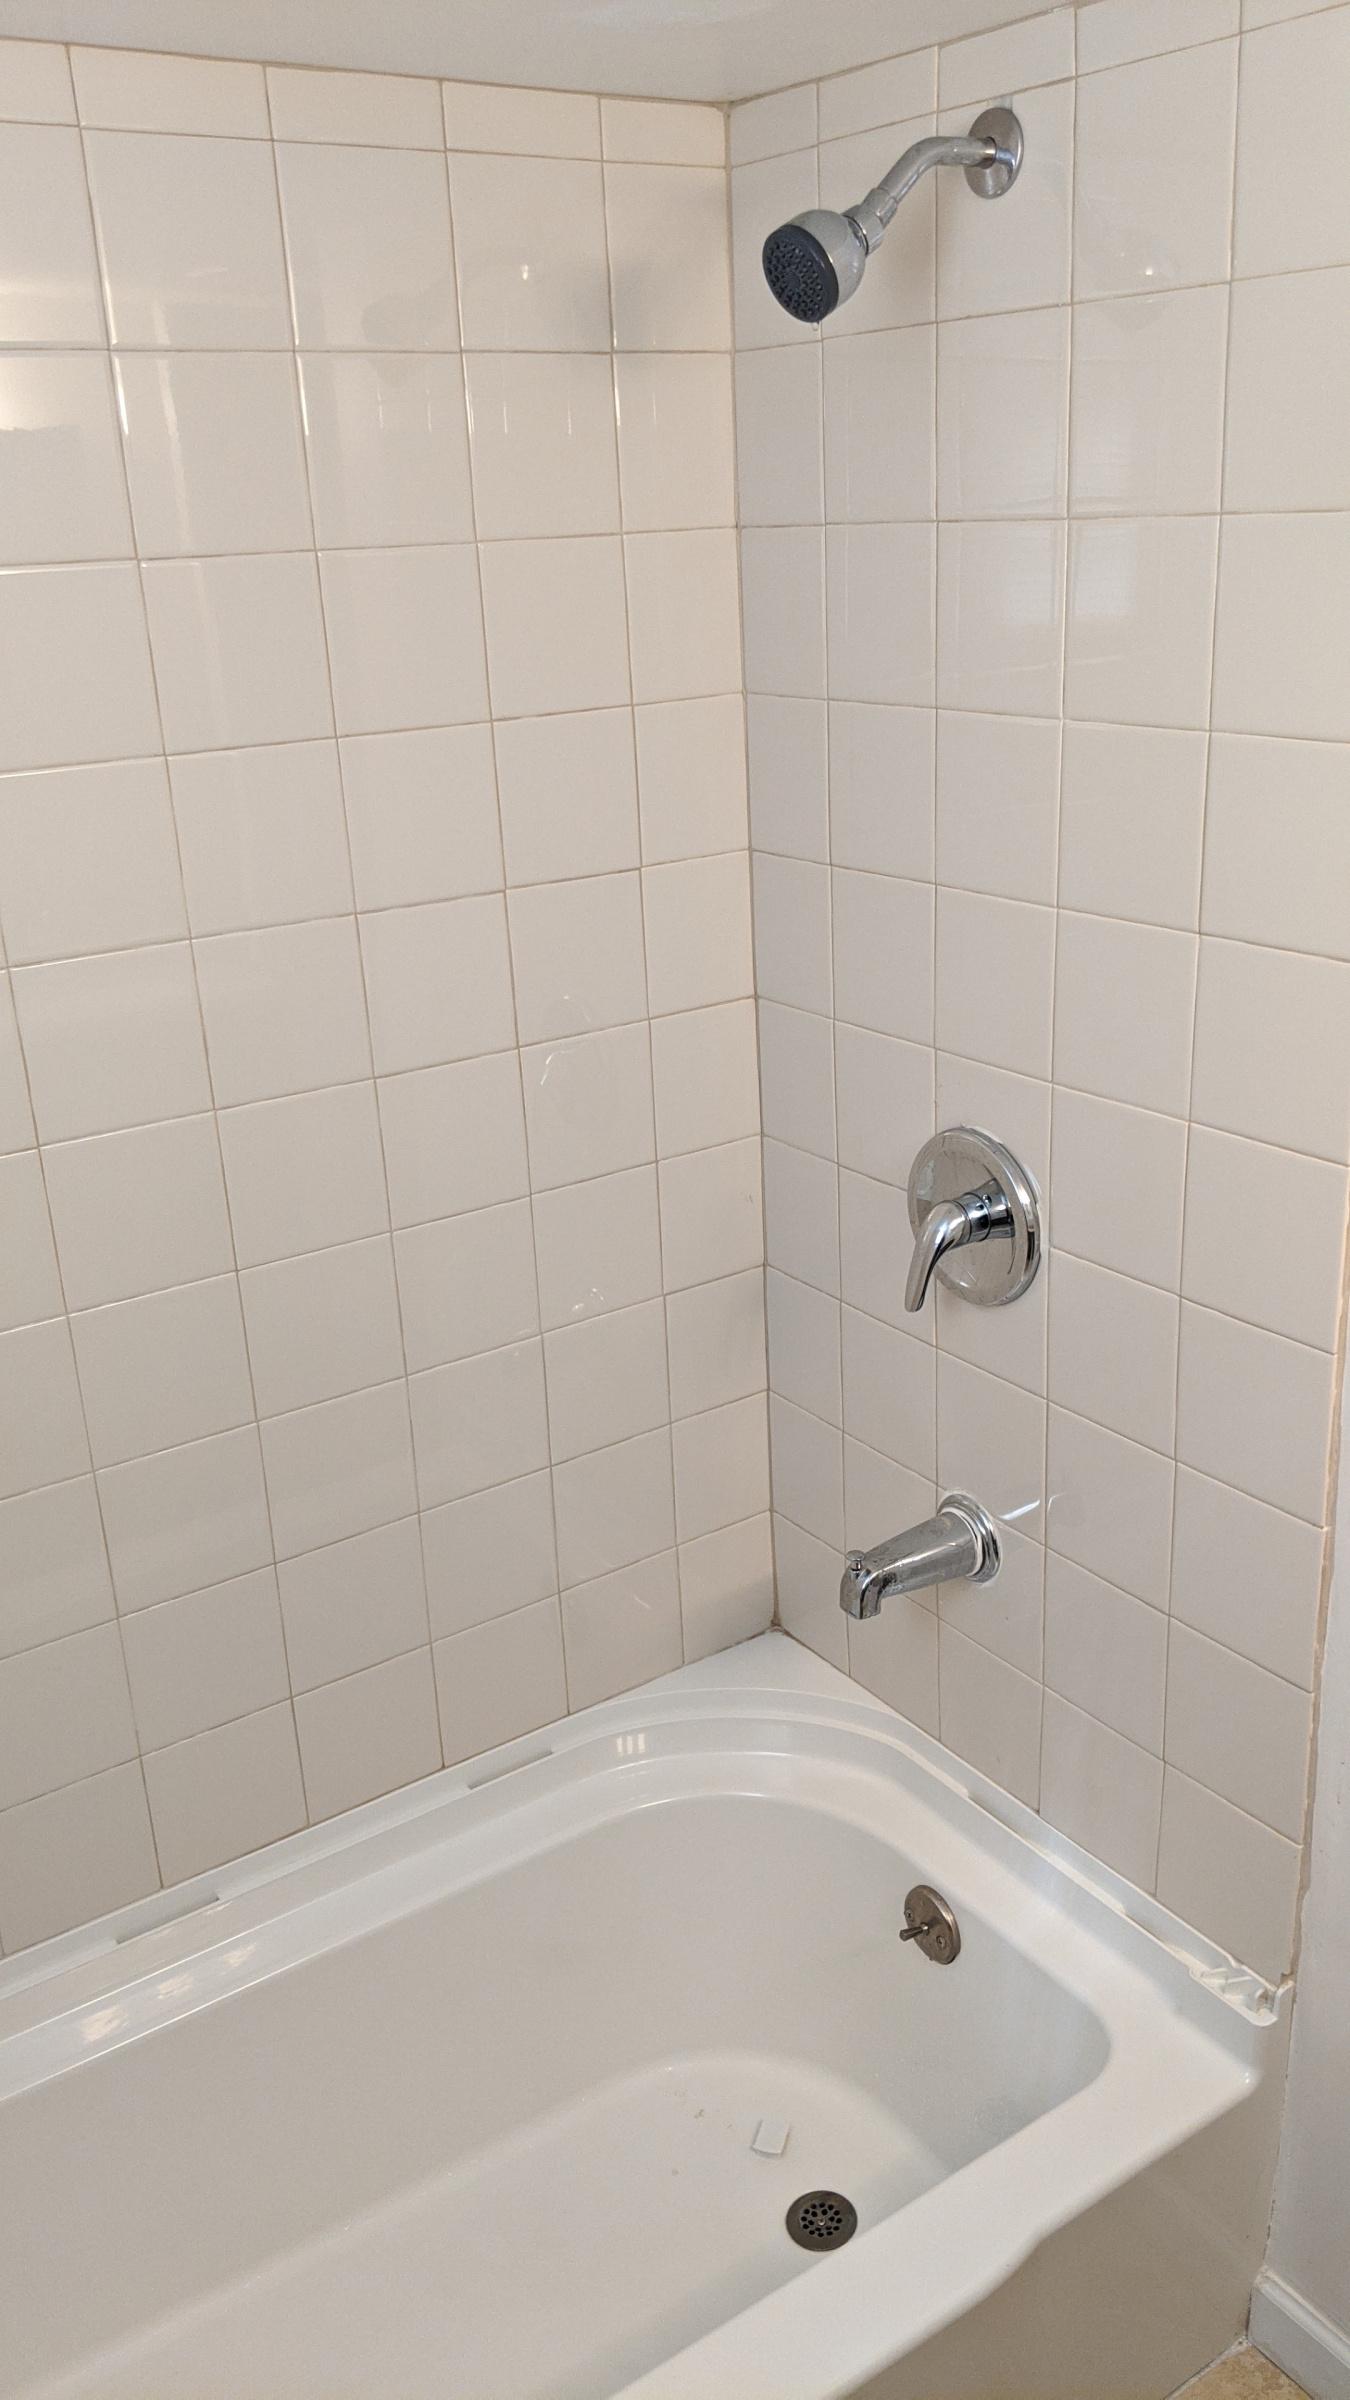 Tub meant for Surround Install...no surround-img_20200209_120738_original.jpg